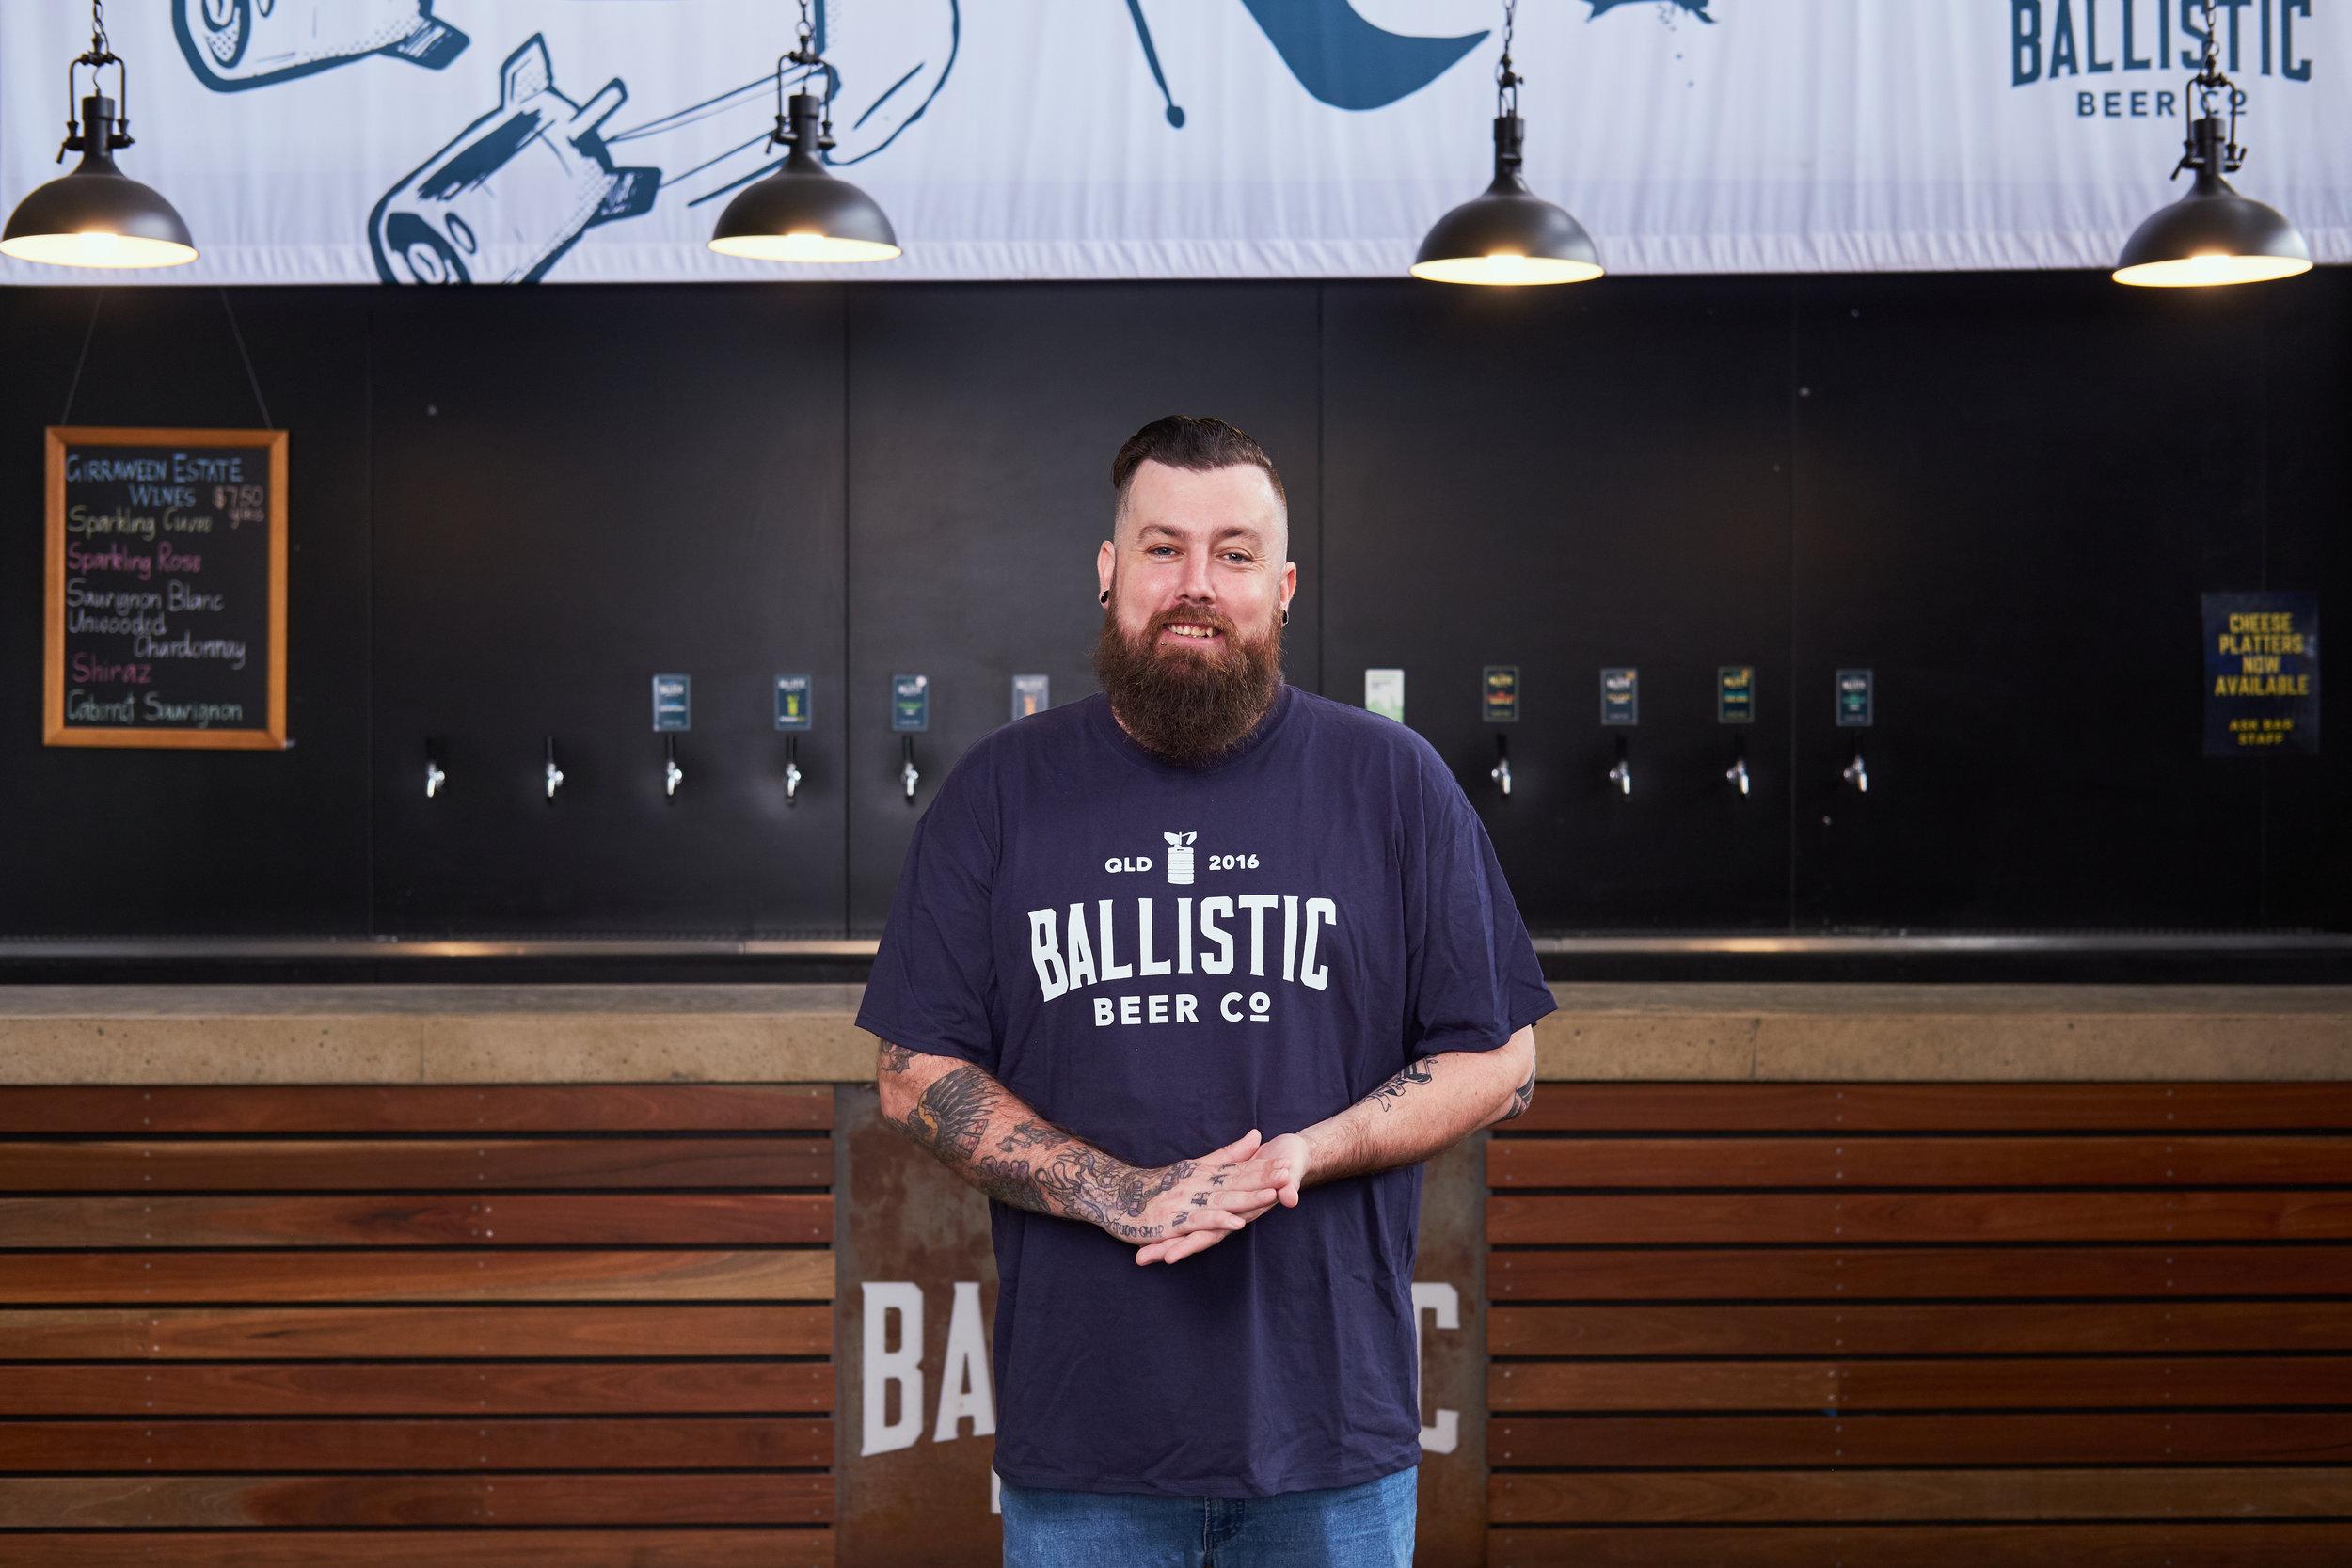 Ballistic_Beer_043.jpg